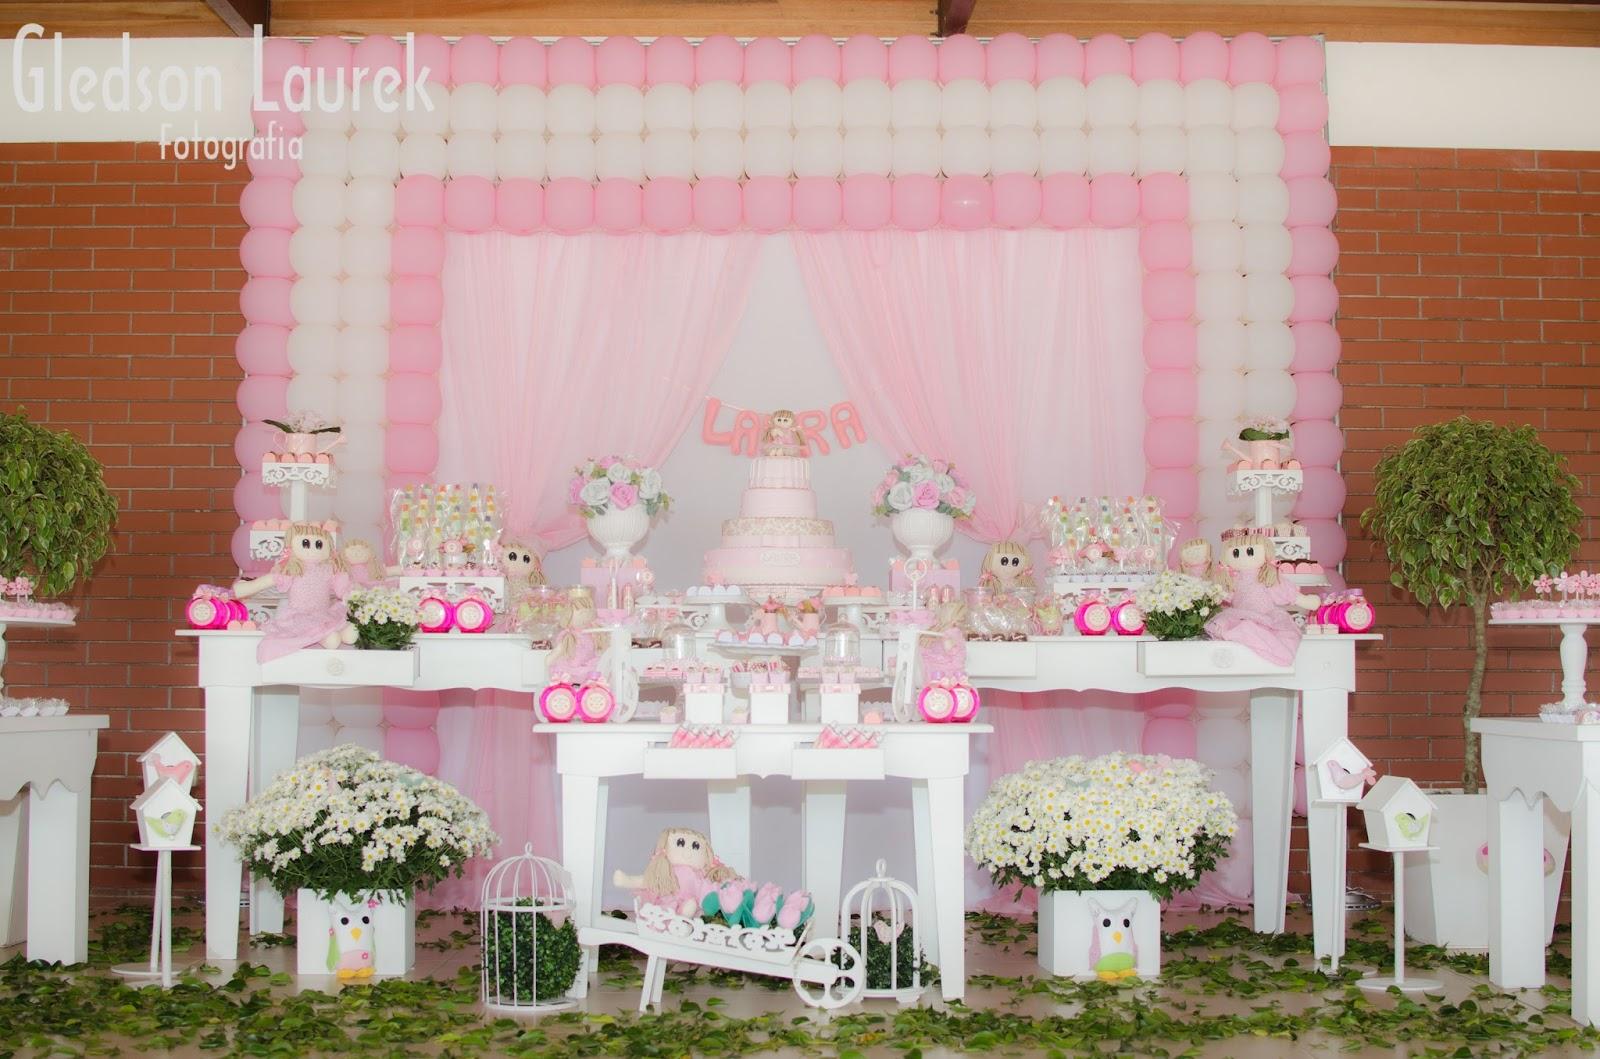 #4E5C20 decoracao bonecas no jardim:Festa Infantil por Rozangela Mazur: Jardim  1600x1059 px tamanho banheiro adaptado